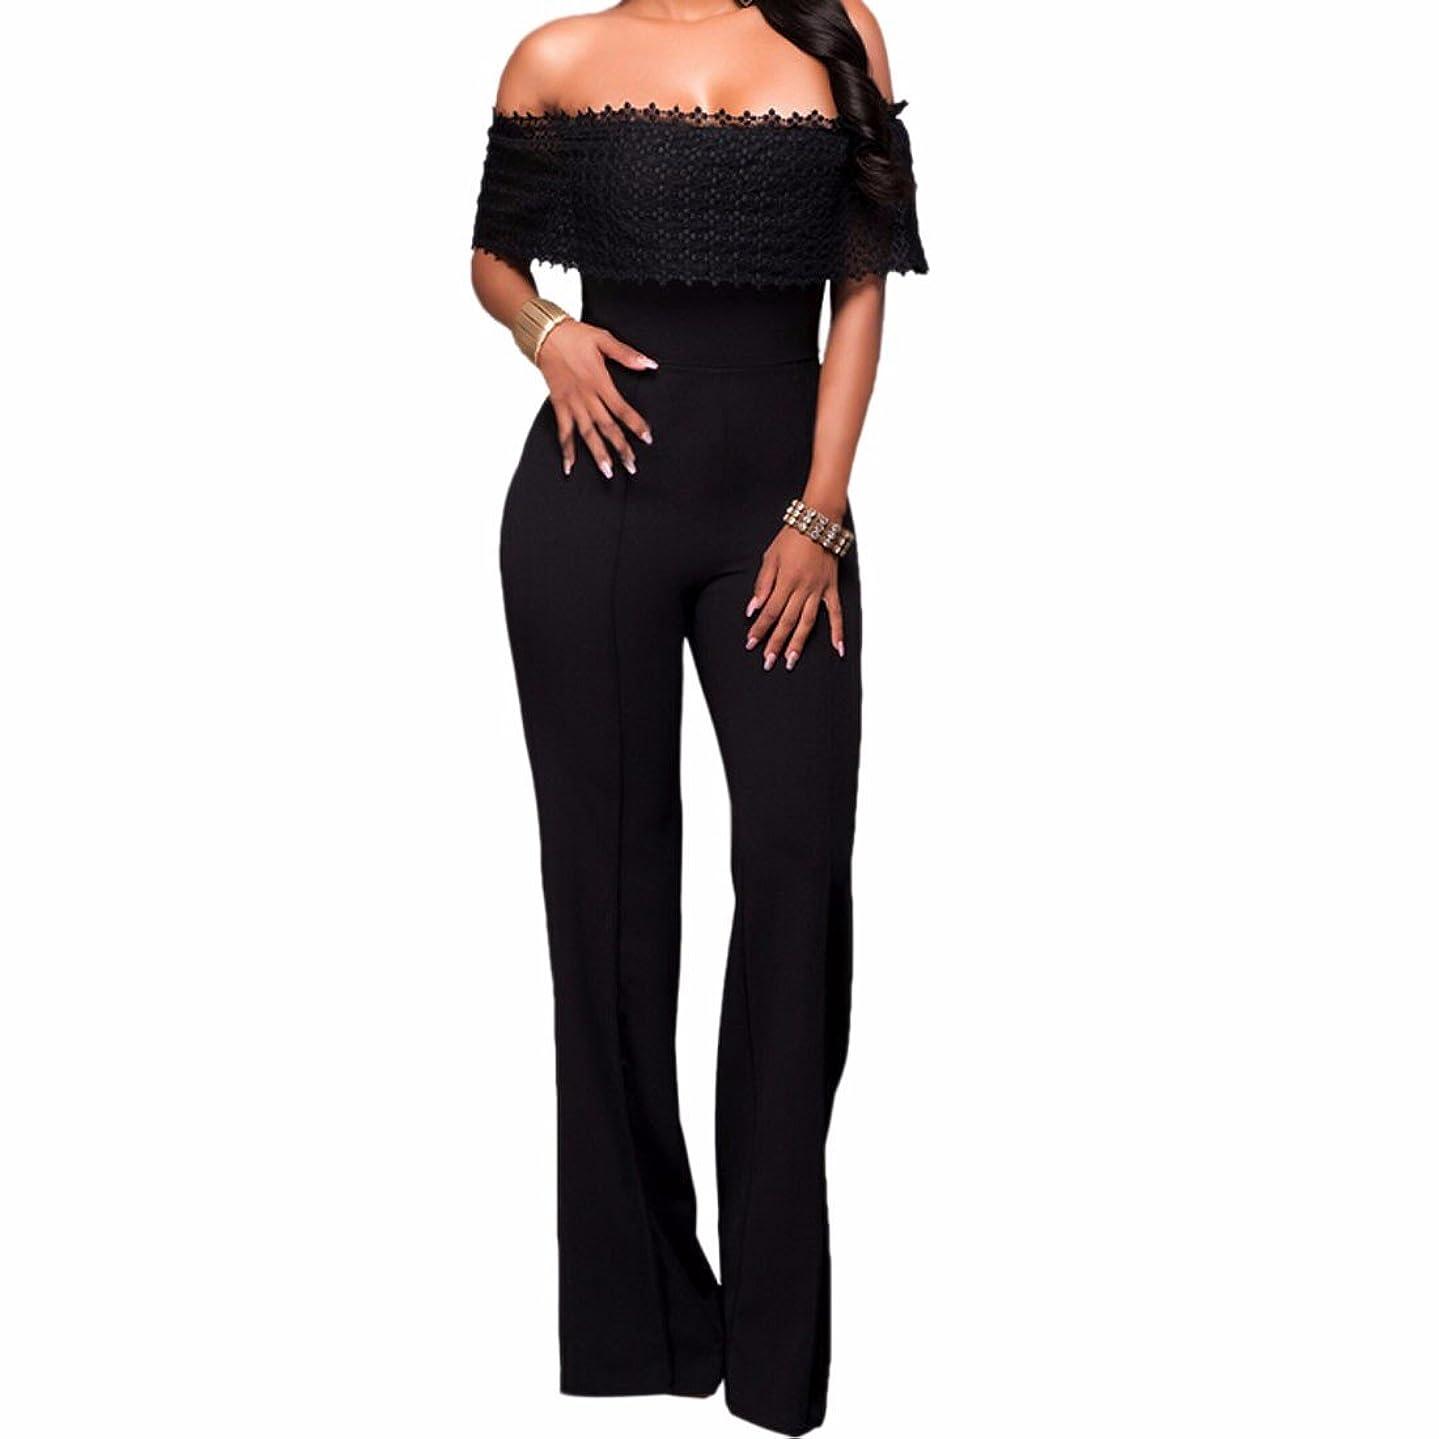 Women Strapless Jumpsuits Side Zip Long Wide Leg Pants Bodysuit Romper Cocktail Black